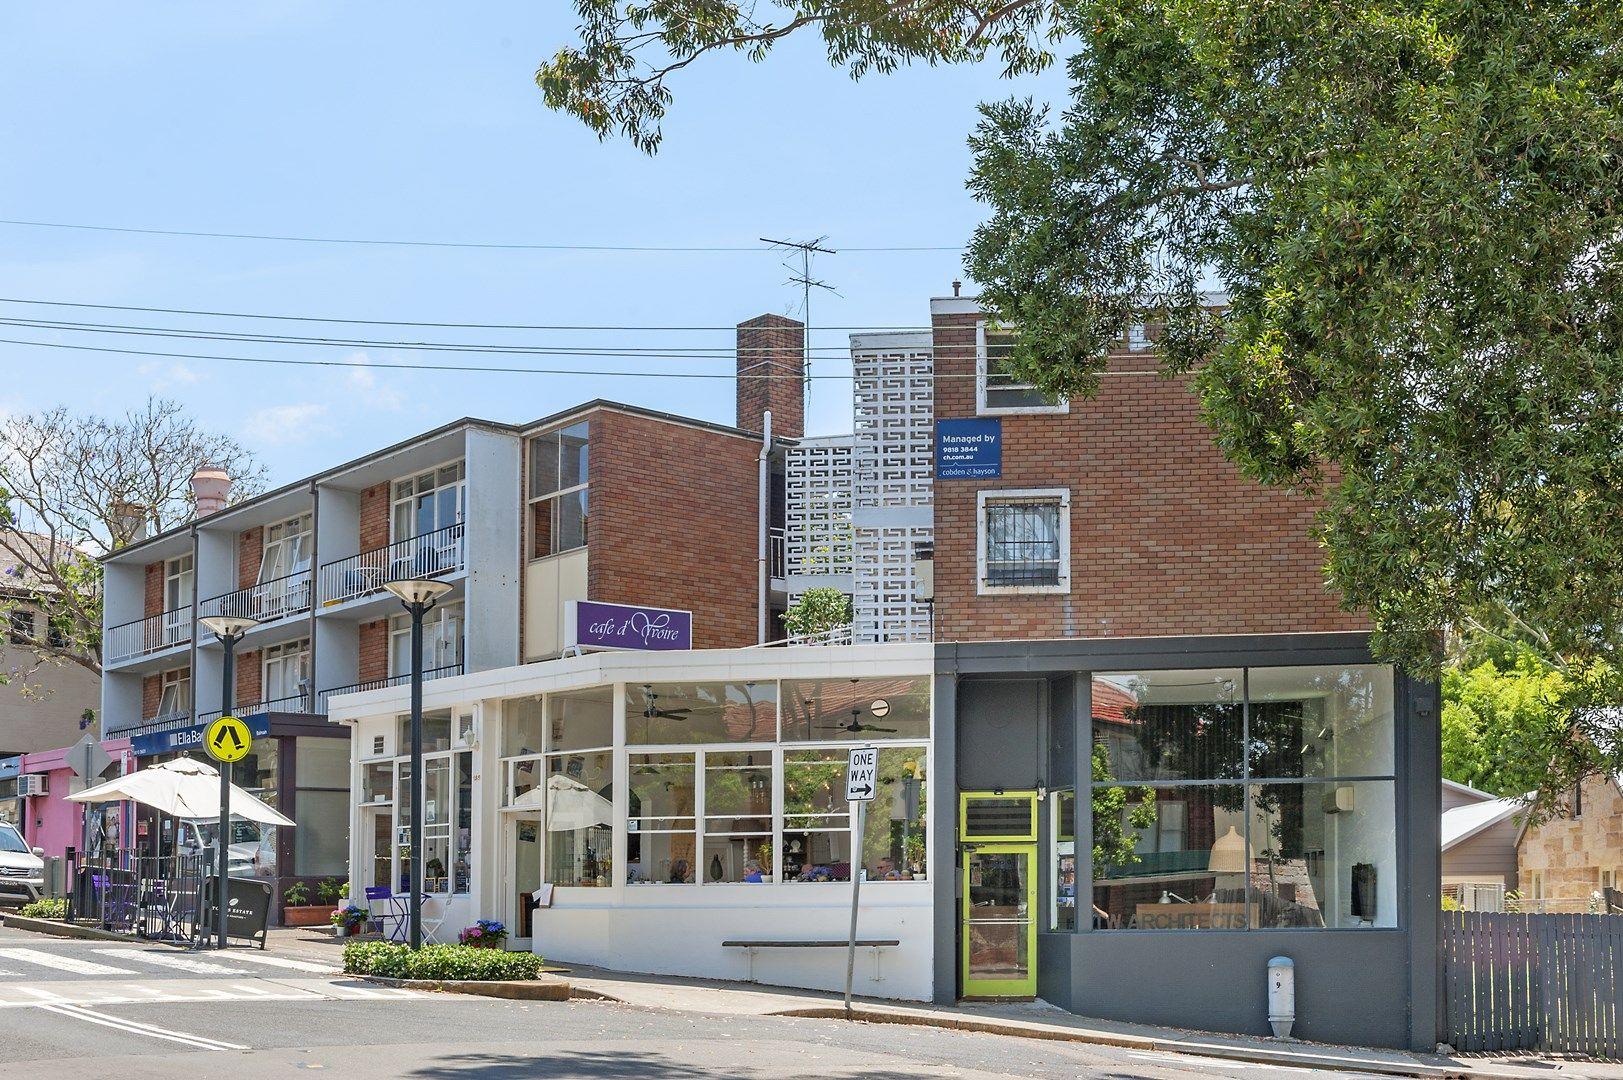 25/189 Darling Street, Balmain NSW 2041, Image 0